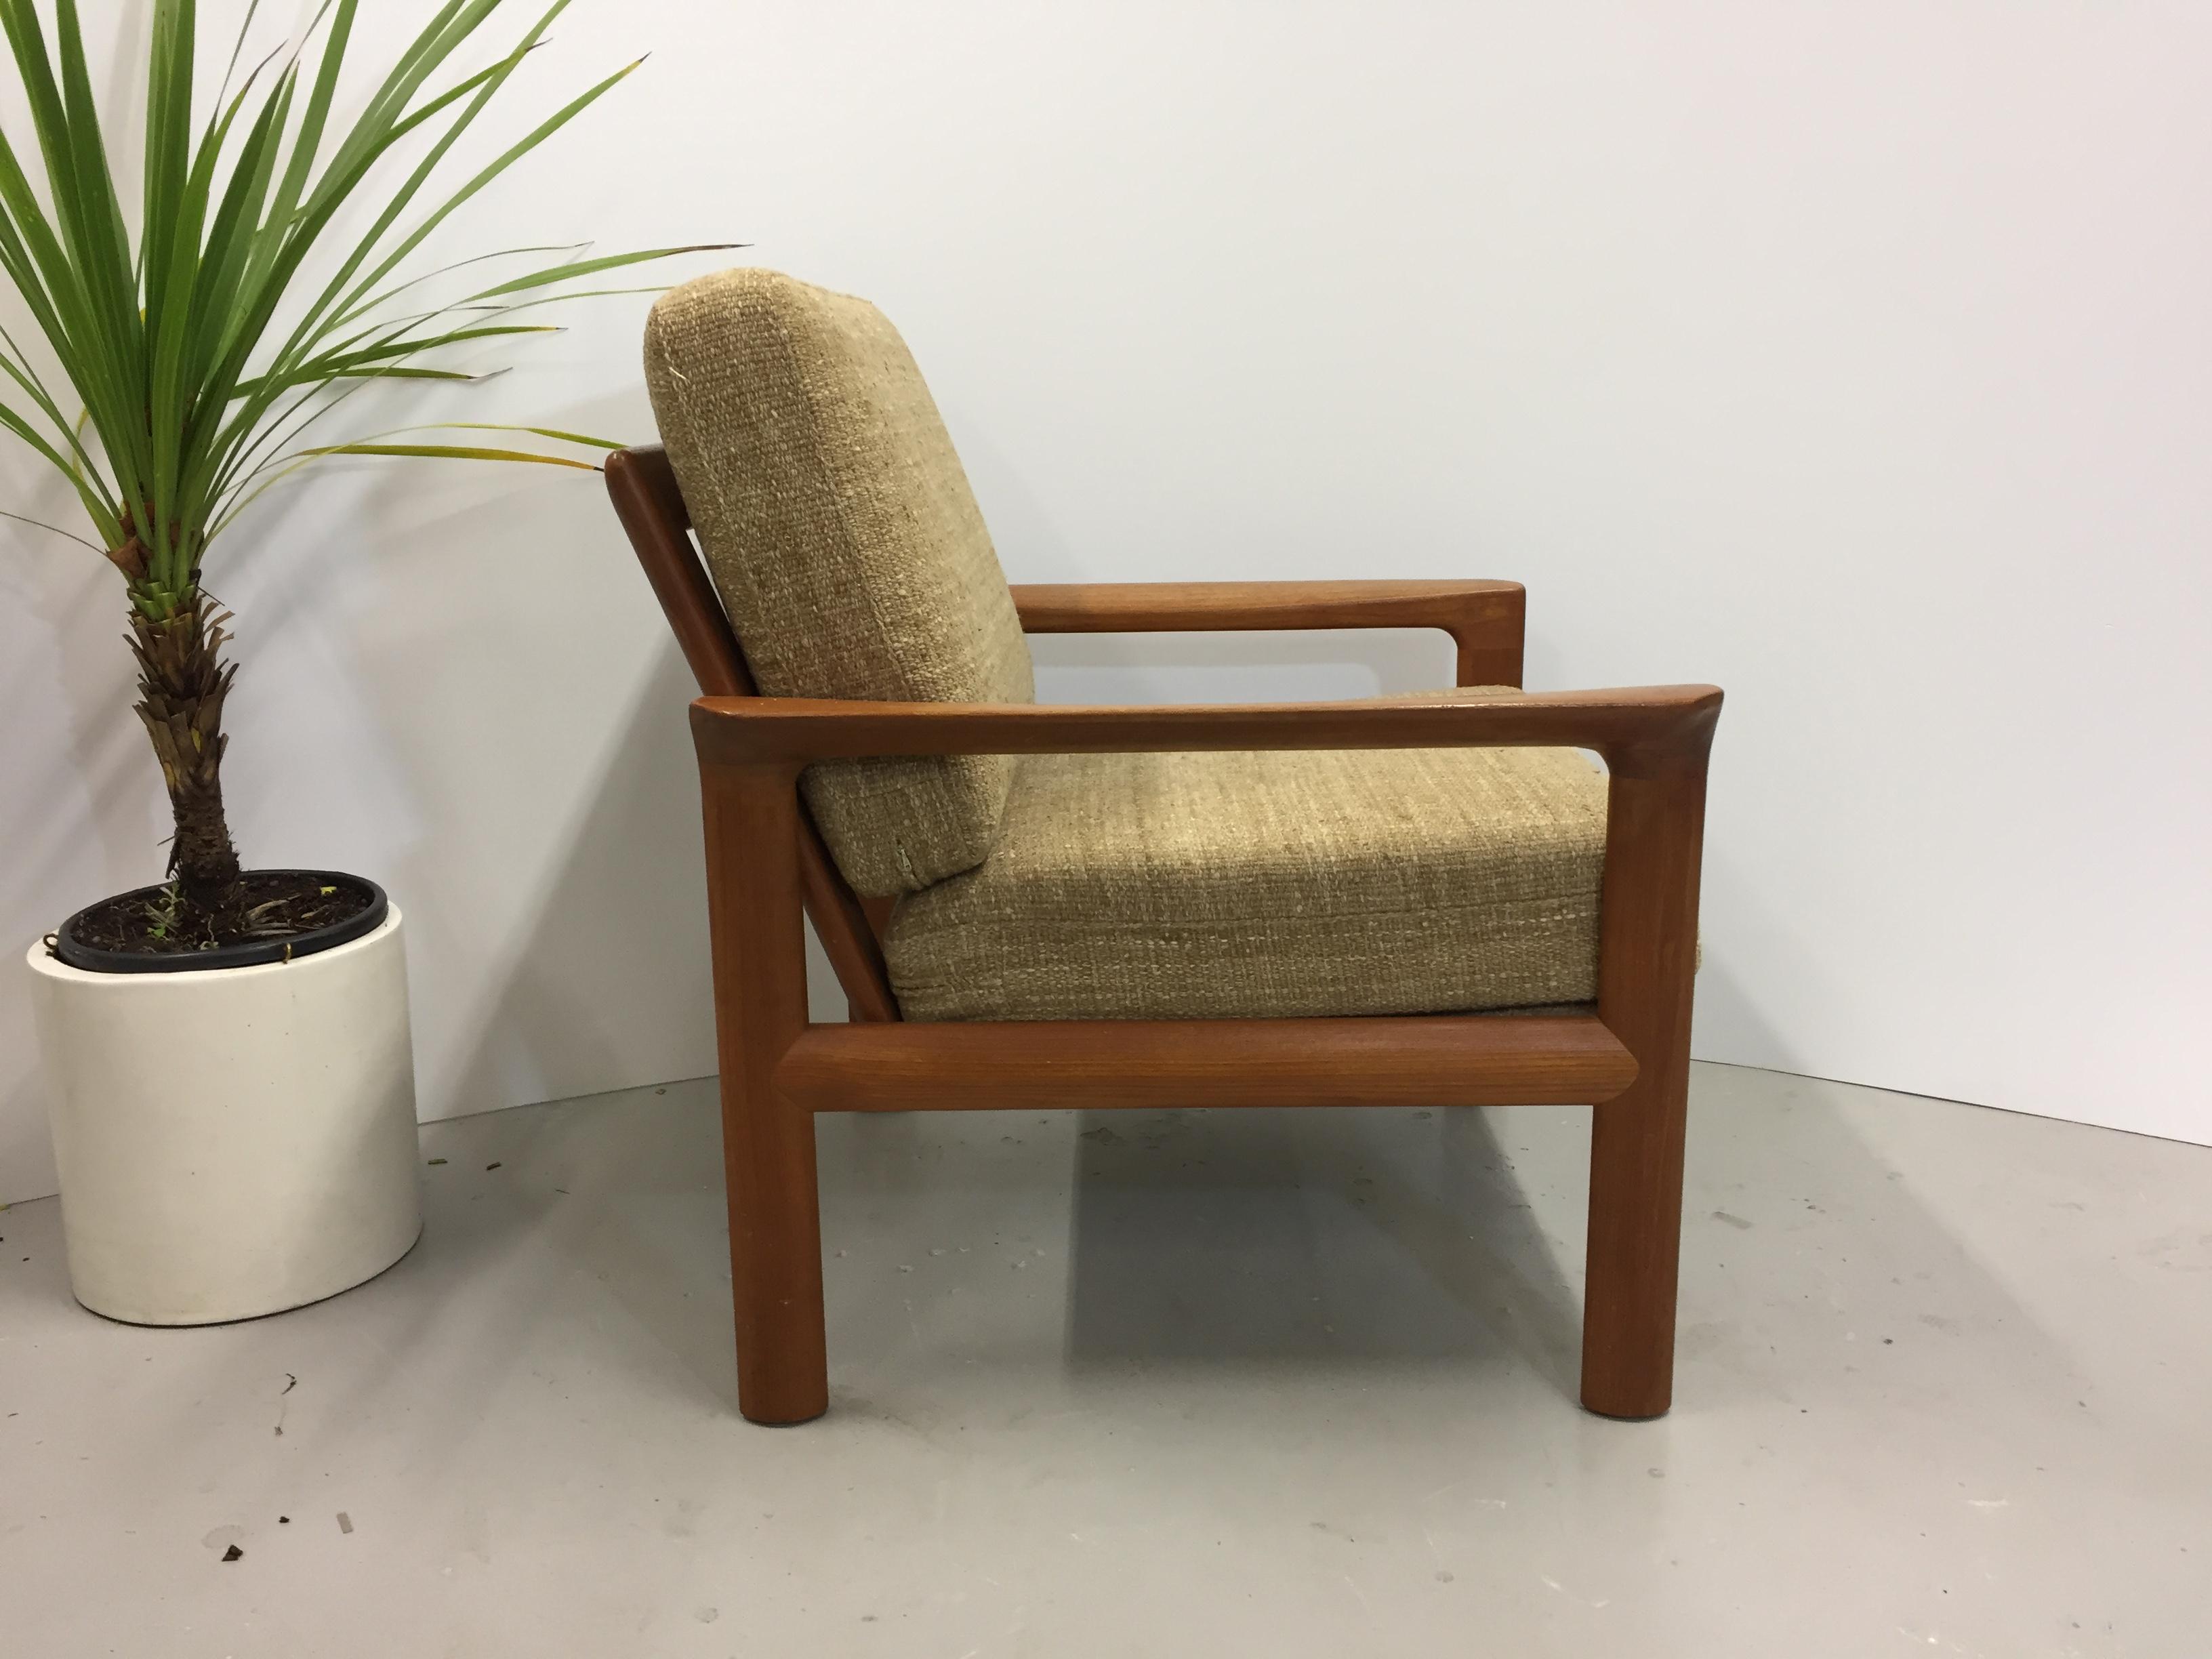 """Mooie lounge stoel """"Borneo"""" van Komfort. Ontworpen in de jaren '60 door Sven Ellekaer."""